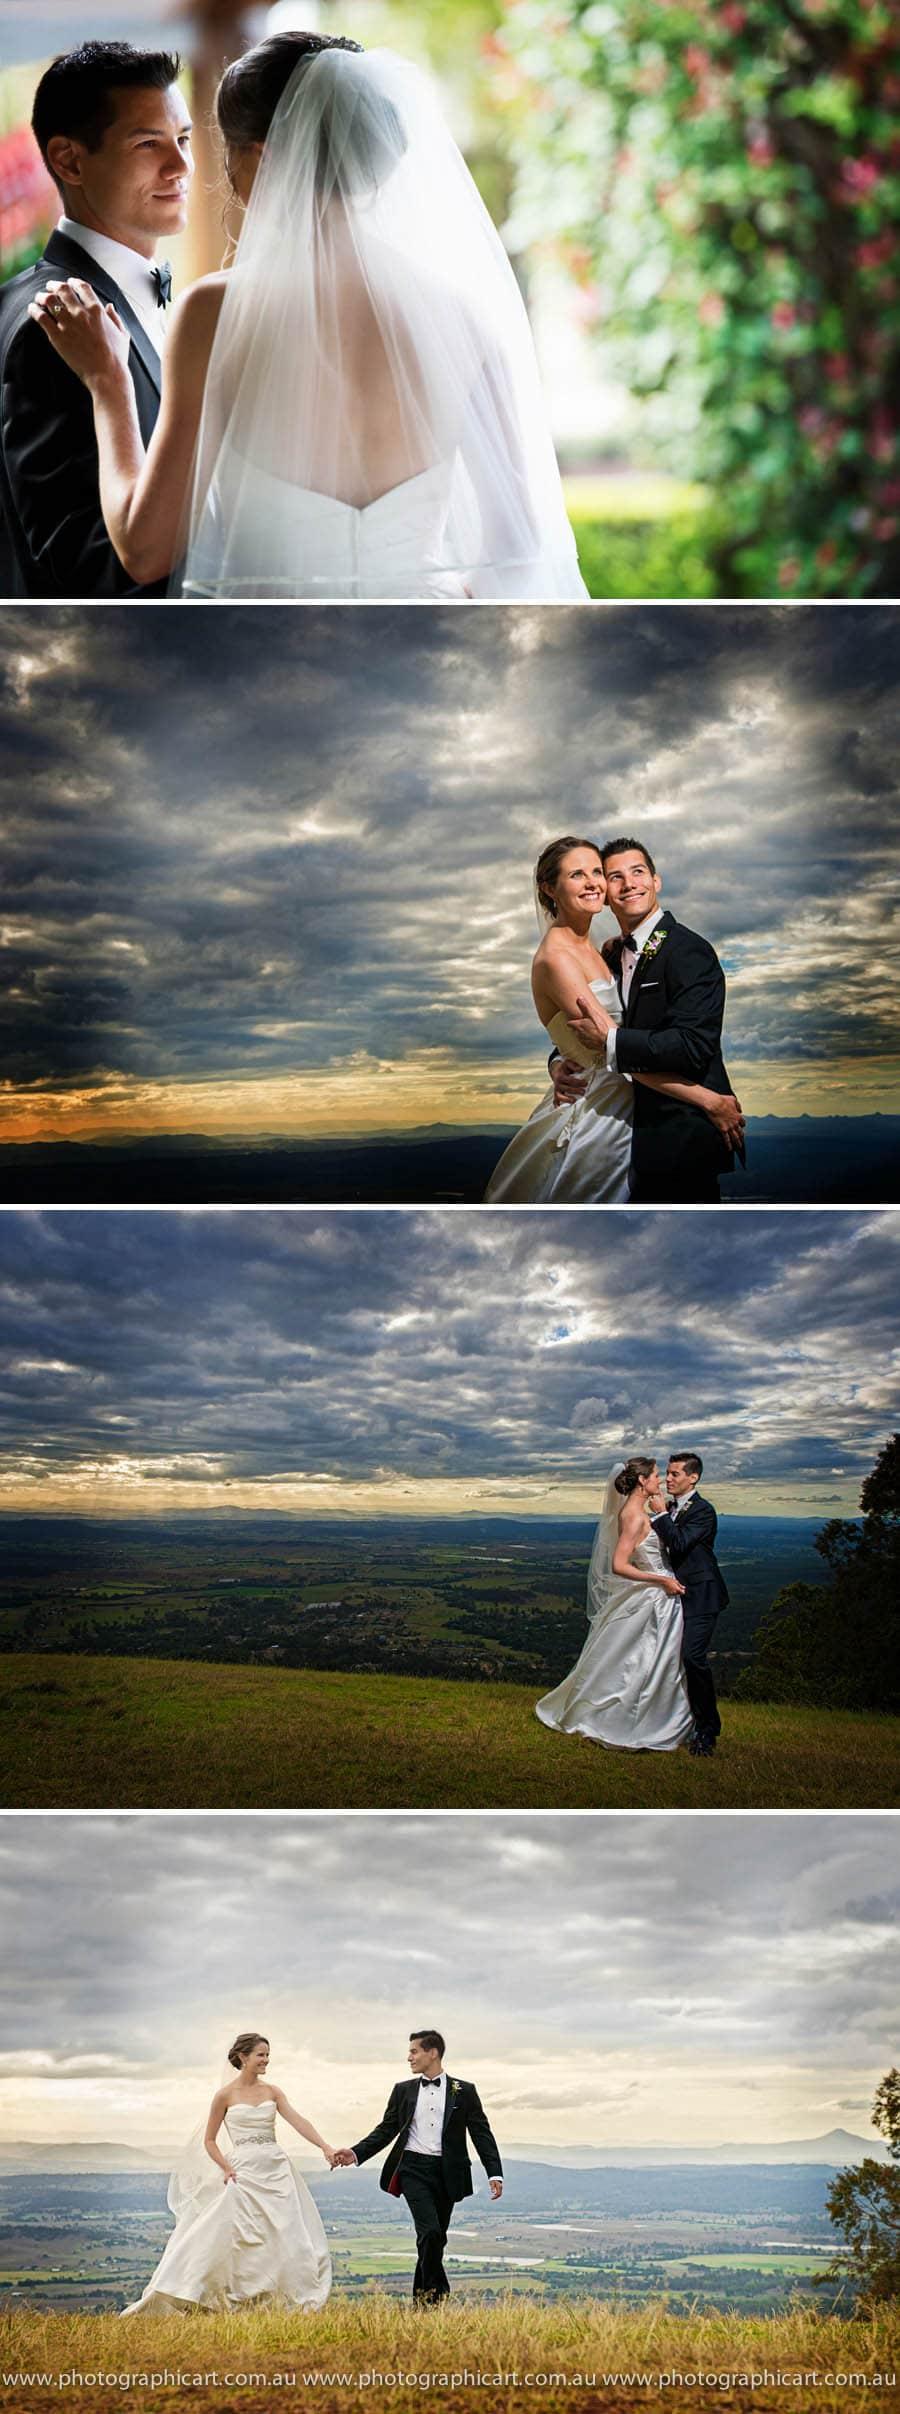 photographicart.com.au/newsite-amandadarren-0010